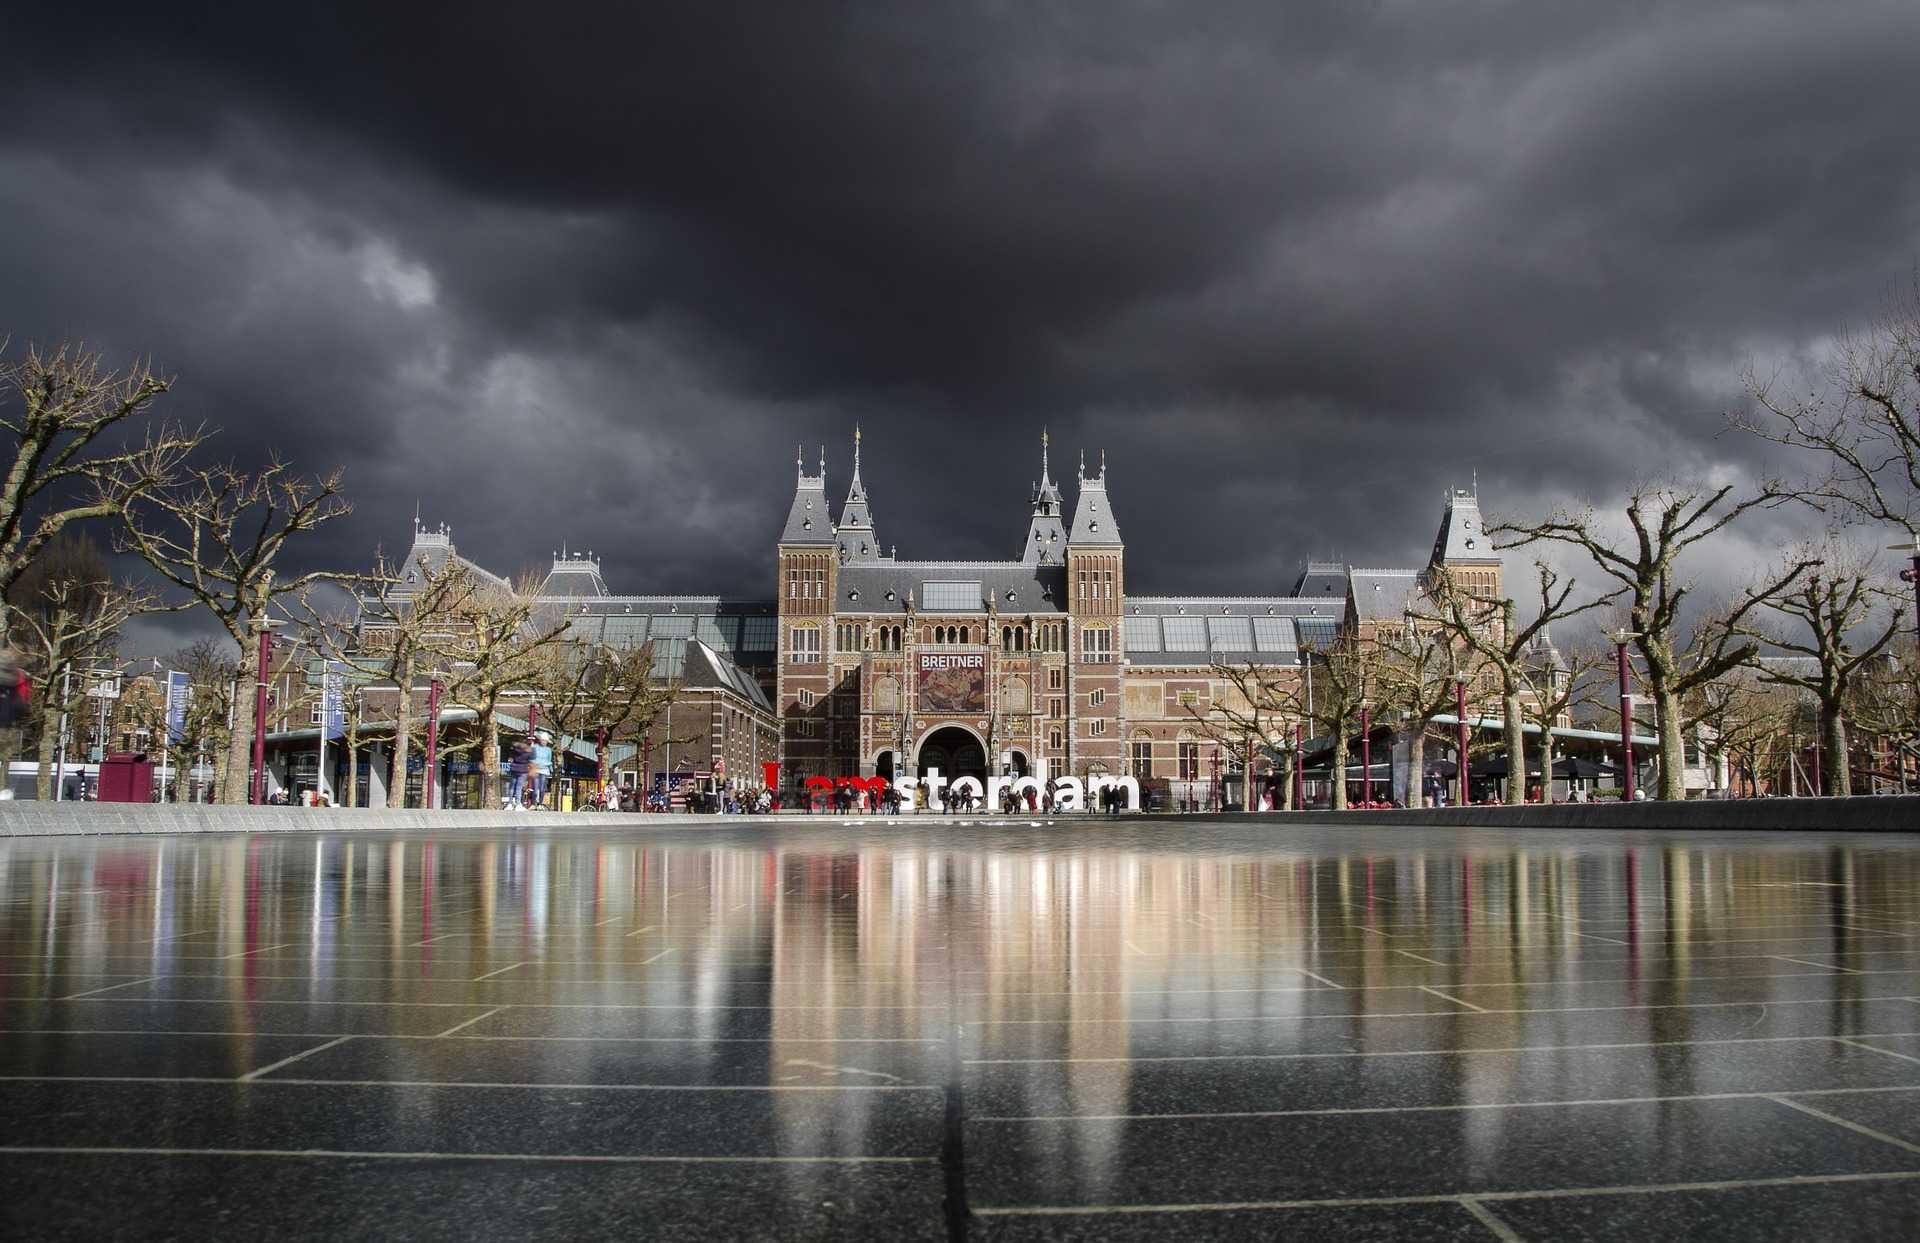 מוזיאון רייקסמוזיאום אמסטרדם 2021 - כרטיסים, מחירים וכל הפרטים